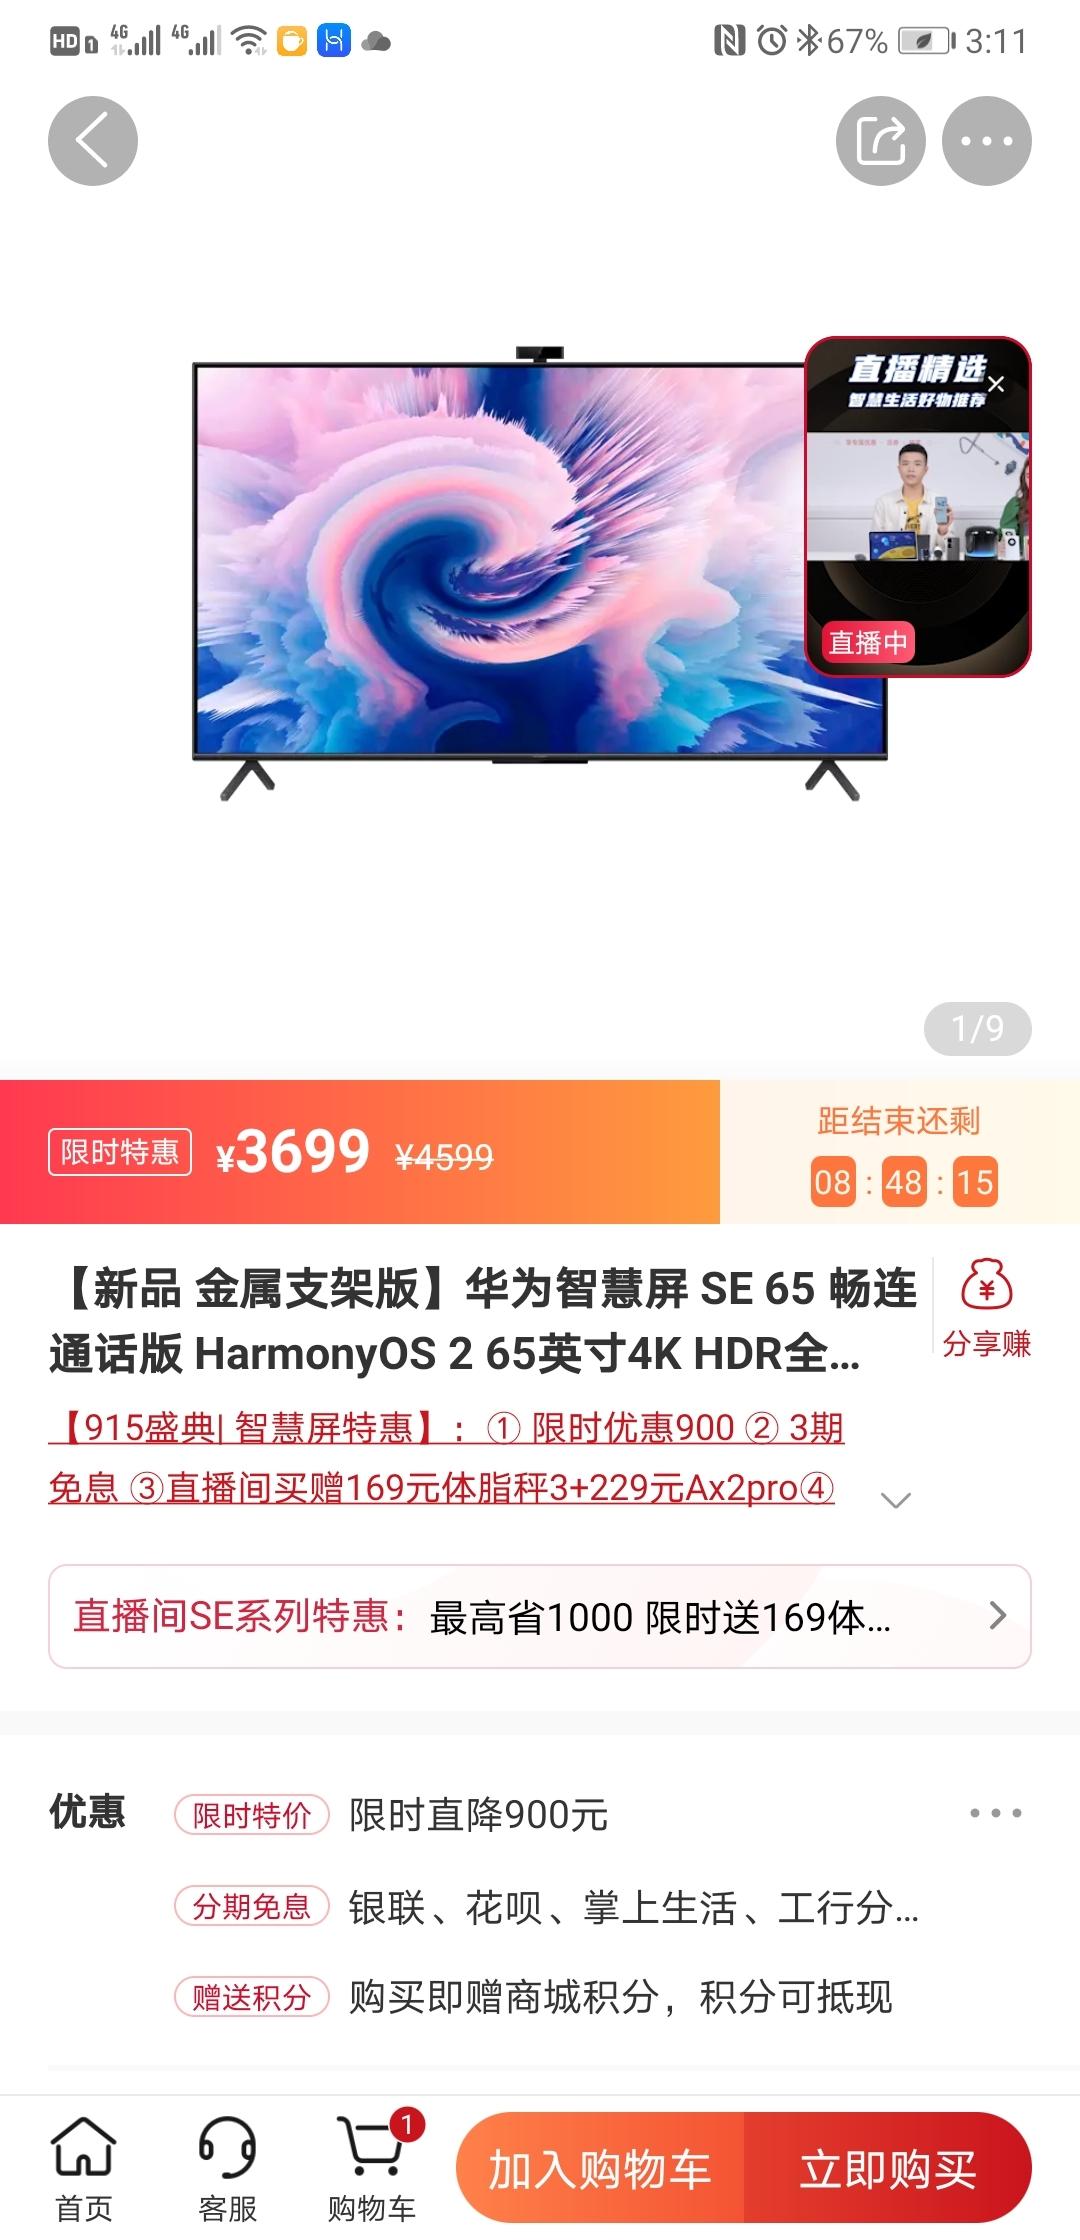 Screenshot_20210901_151145_com.vmall.client.jpg